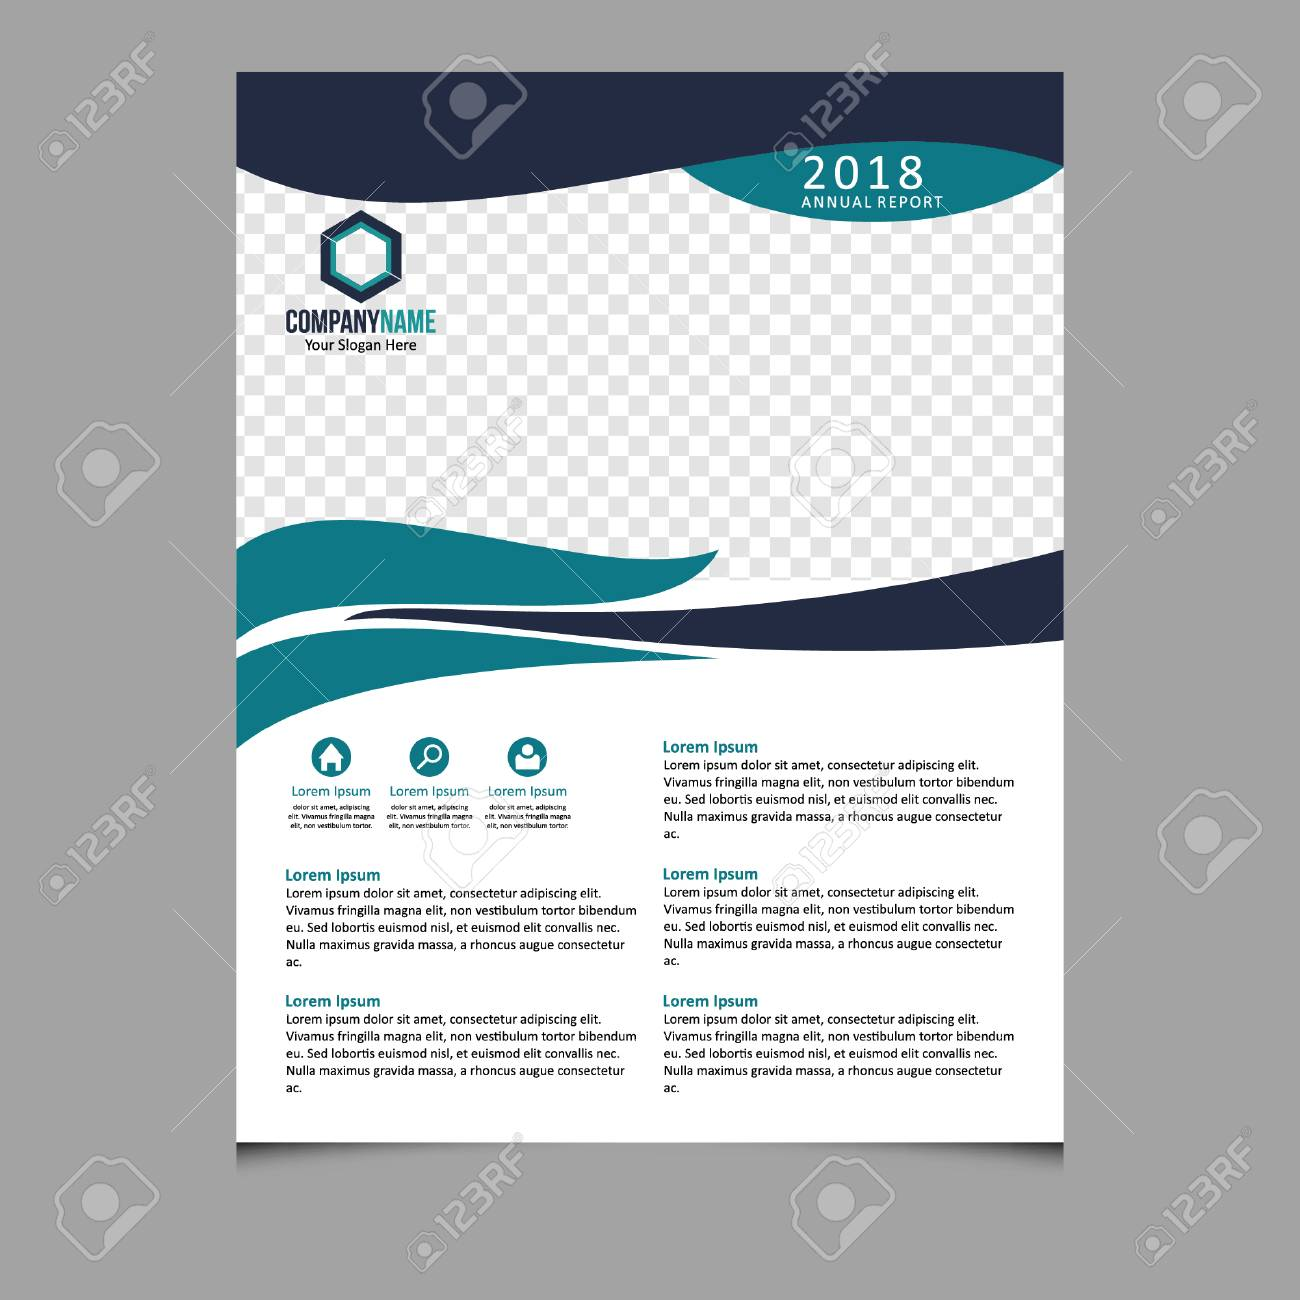 Vert Et Bleu Brochure Brochure Depliant Depliant Modele Depliant Depliant Depliant Conception Depliant Fond Abstrait Presentation Clip Art Libres De Droits Vecteurs Et Illustration Image 88693103